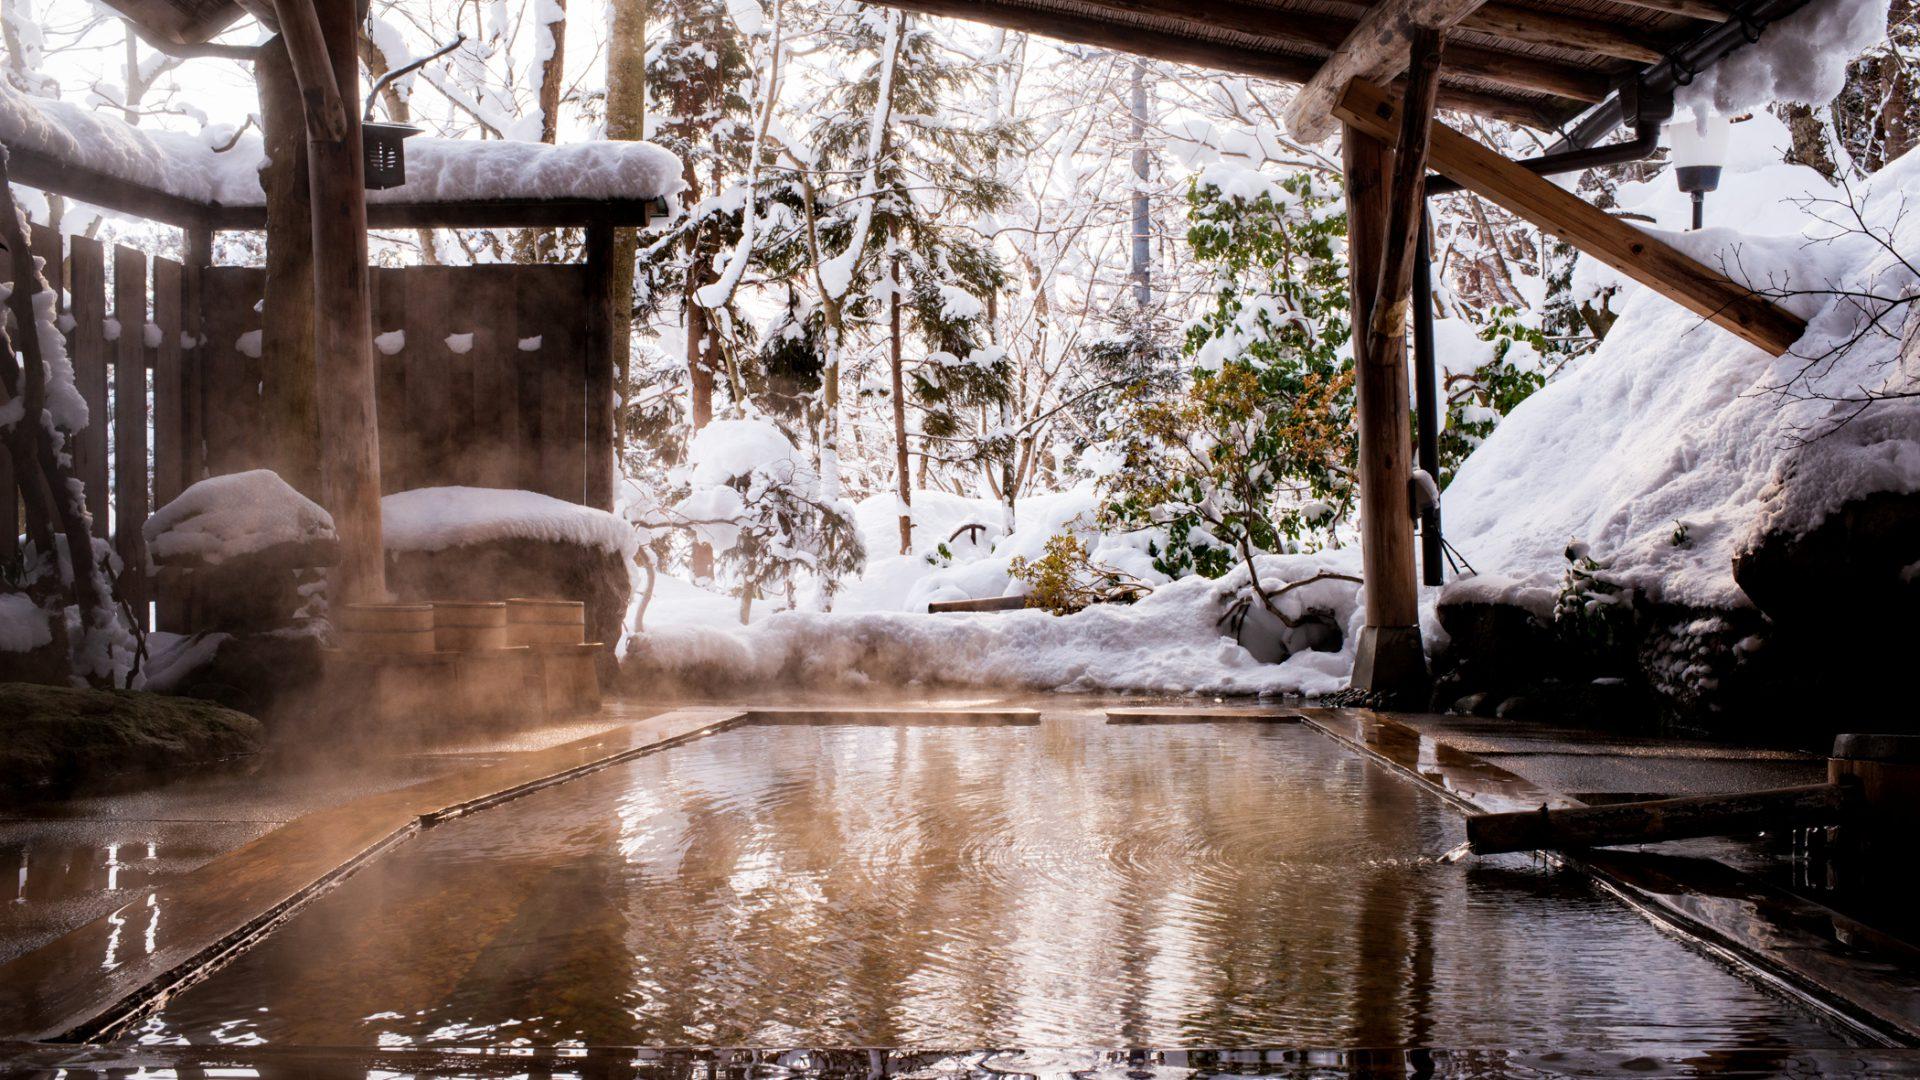 冬の旅館大沼さん 2015年2月11日撮影